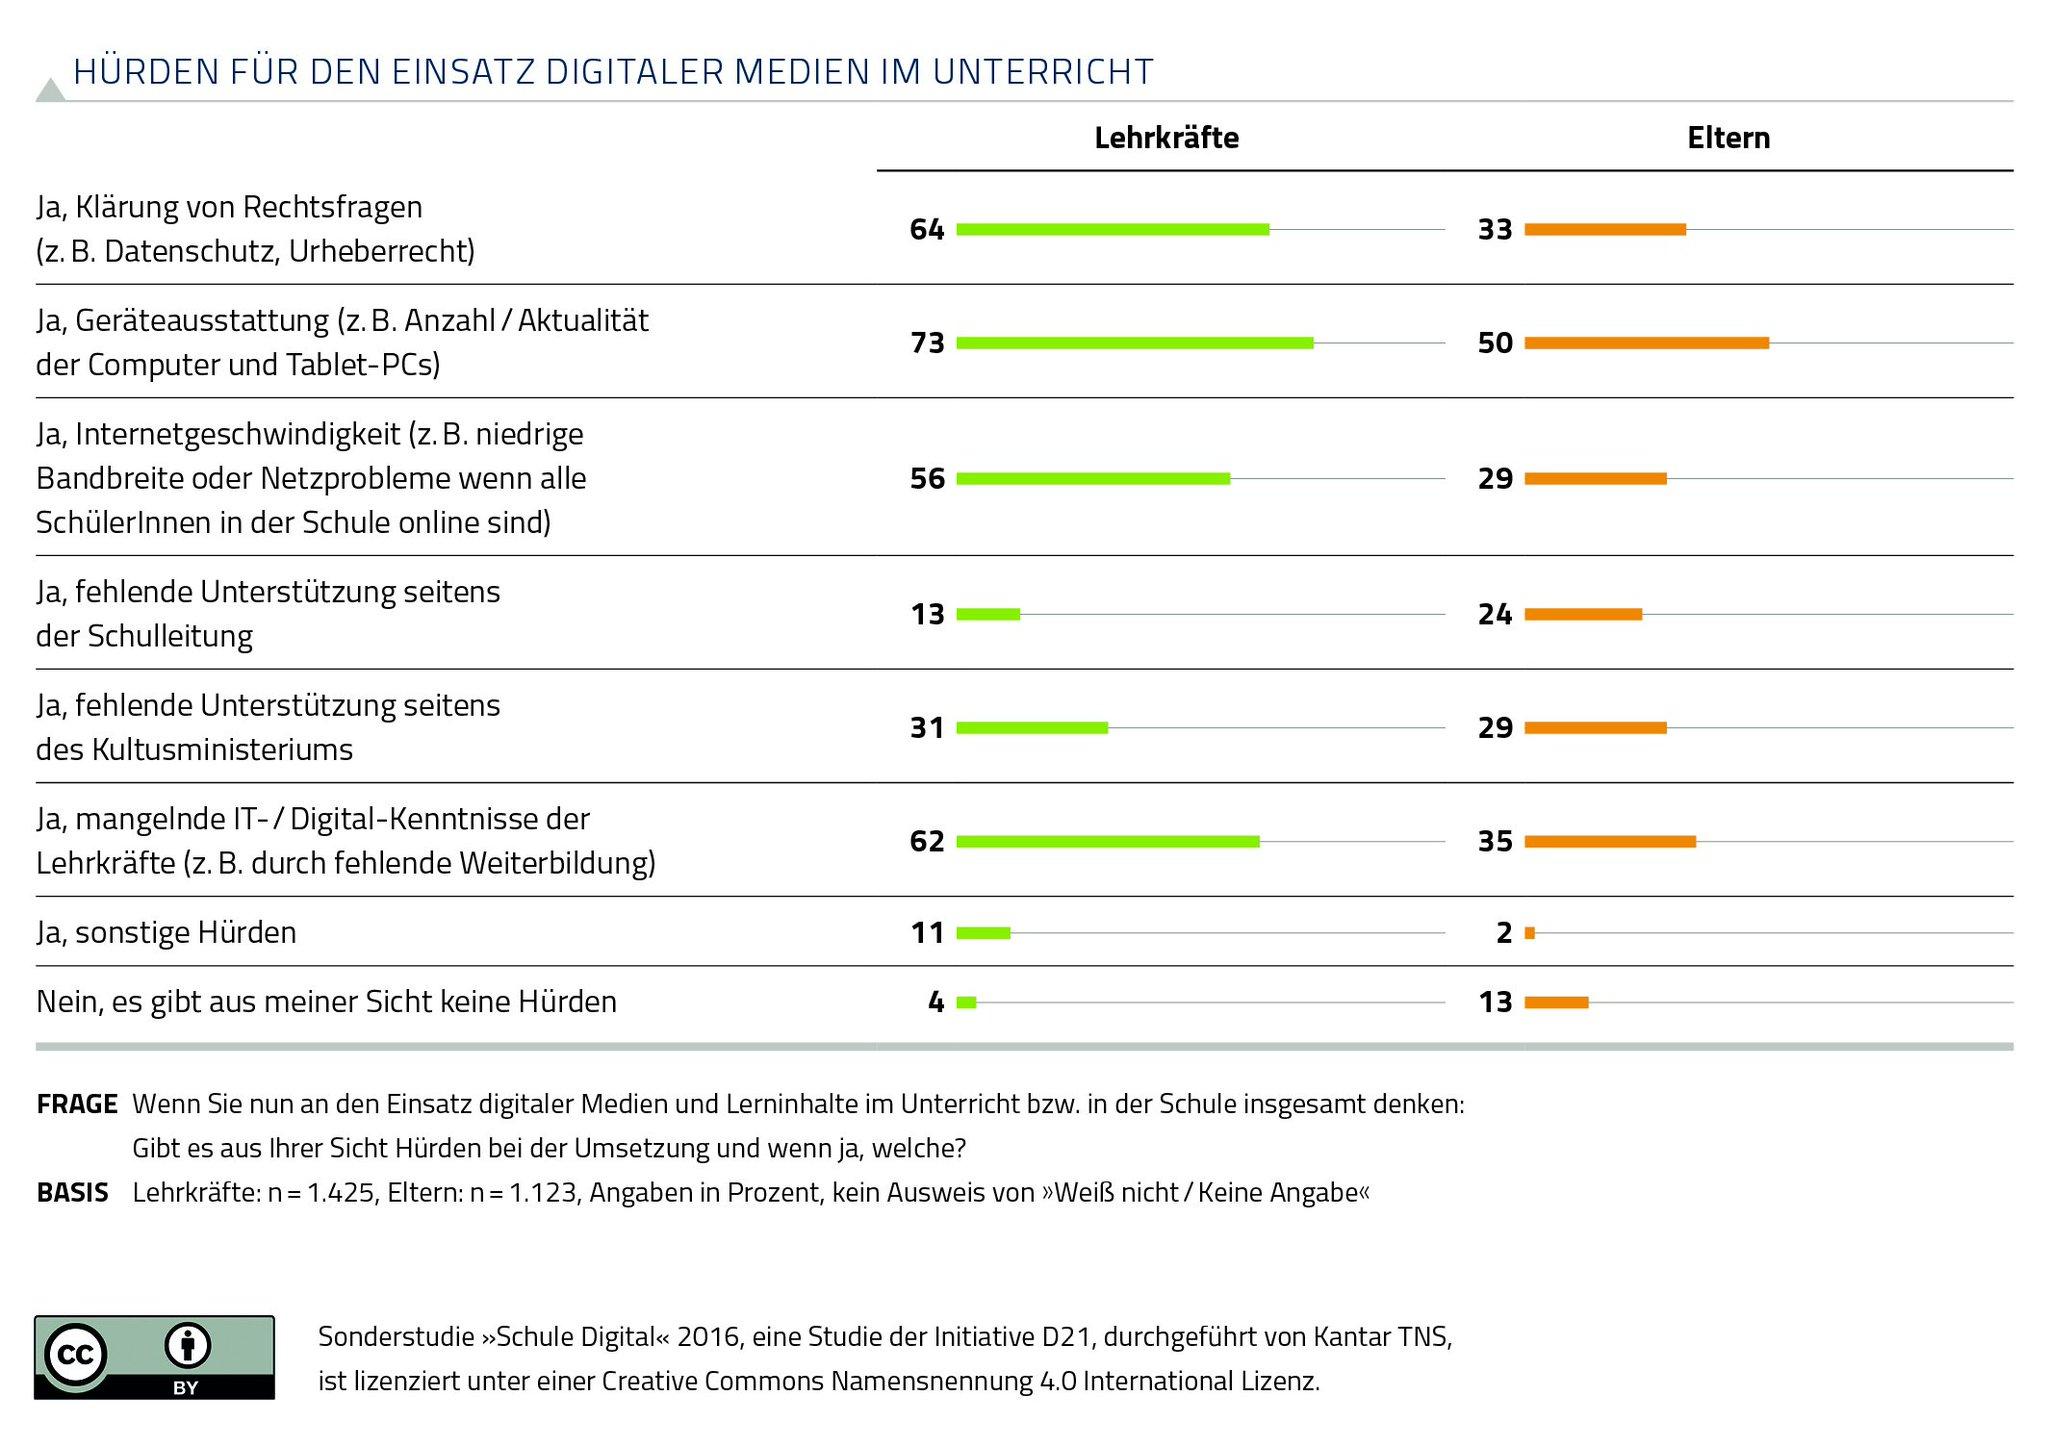 Top 3-Hürden für den Einsatz digitaler Medien an Schulen: Mangelnde Geräteausstattung, unklare Rechtslage und fehlende IT-Kenntnisse. #D21SD https://t.co/LAD6J9U2vx